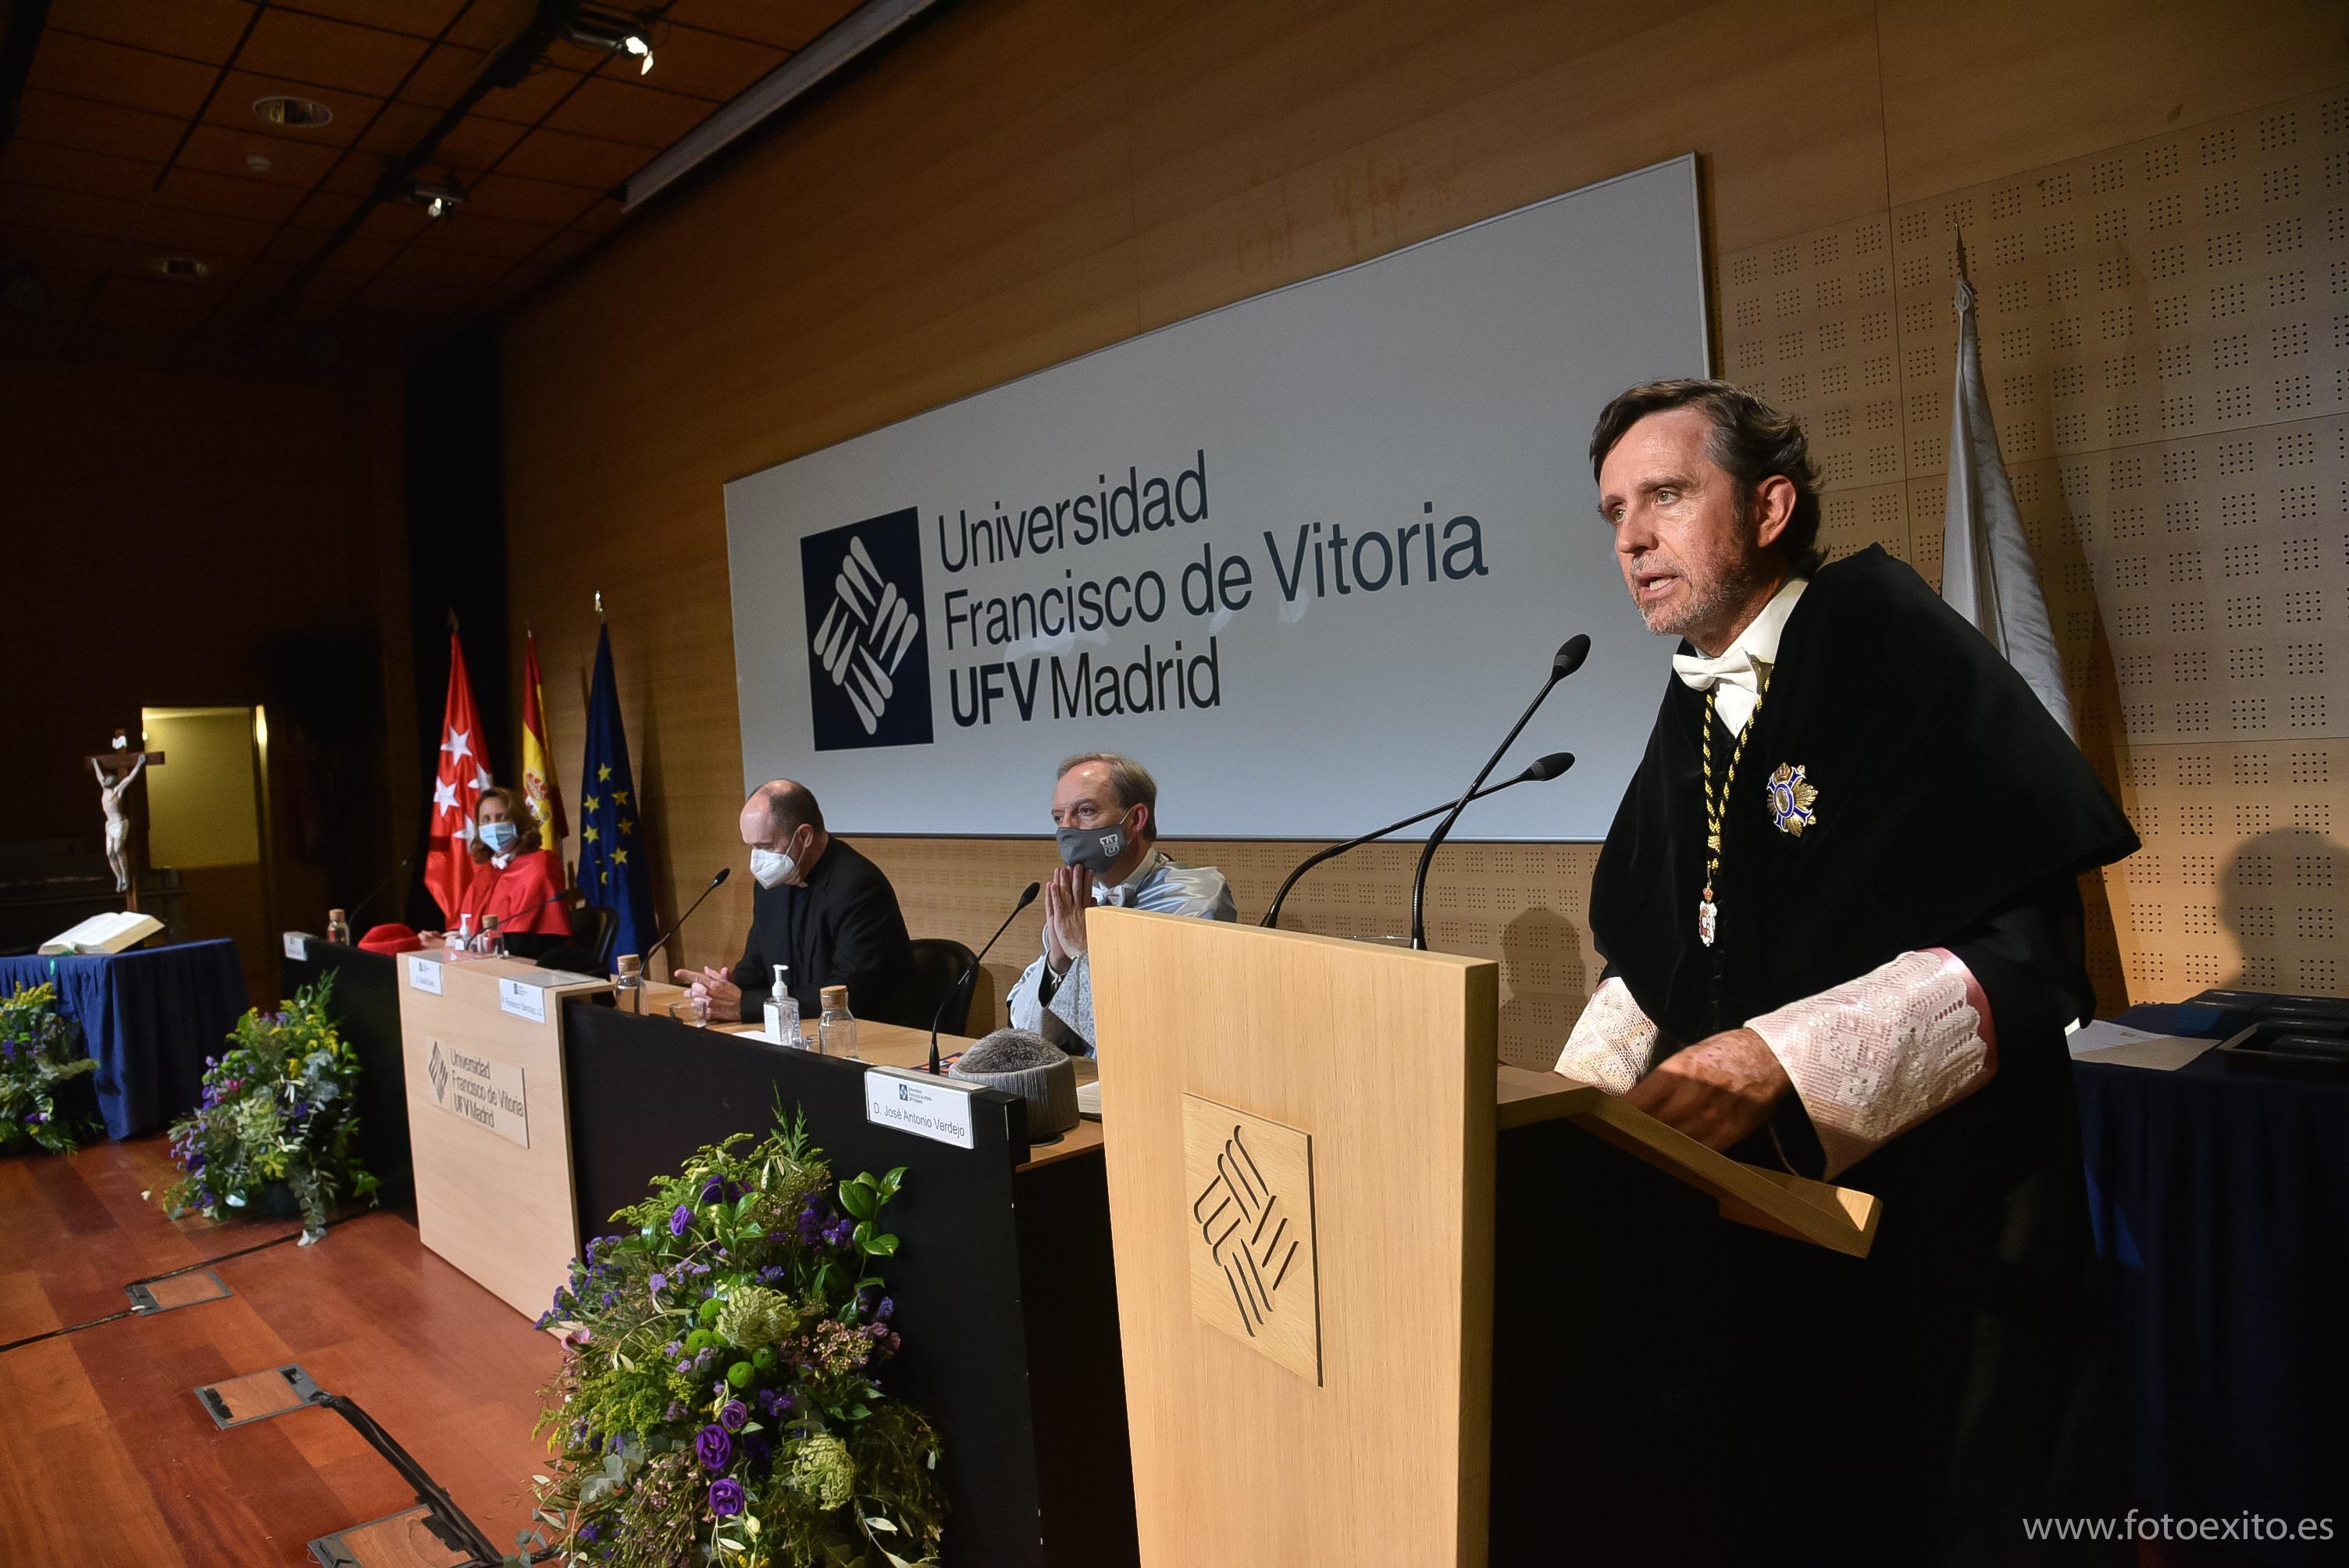 210915UFV 507 min Actos académicos Estudiar en Universidad Privada Madrid